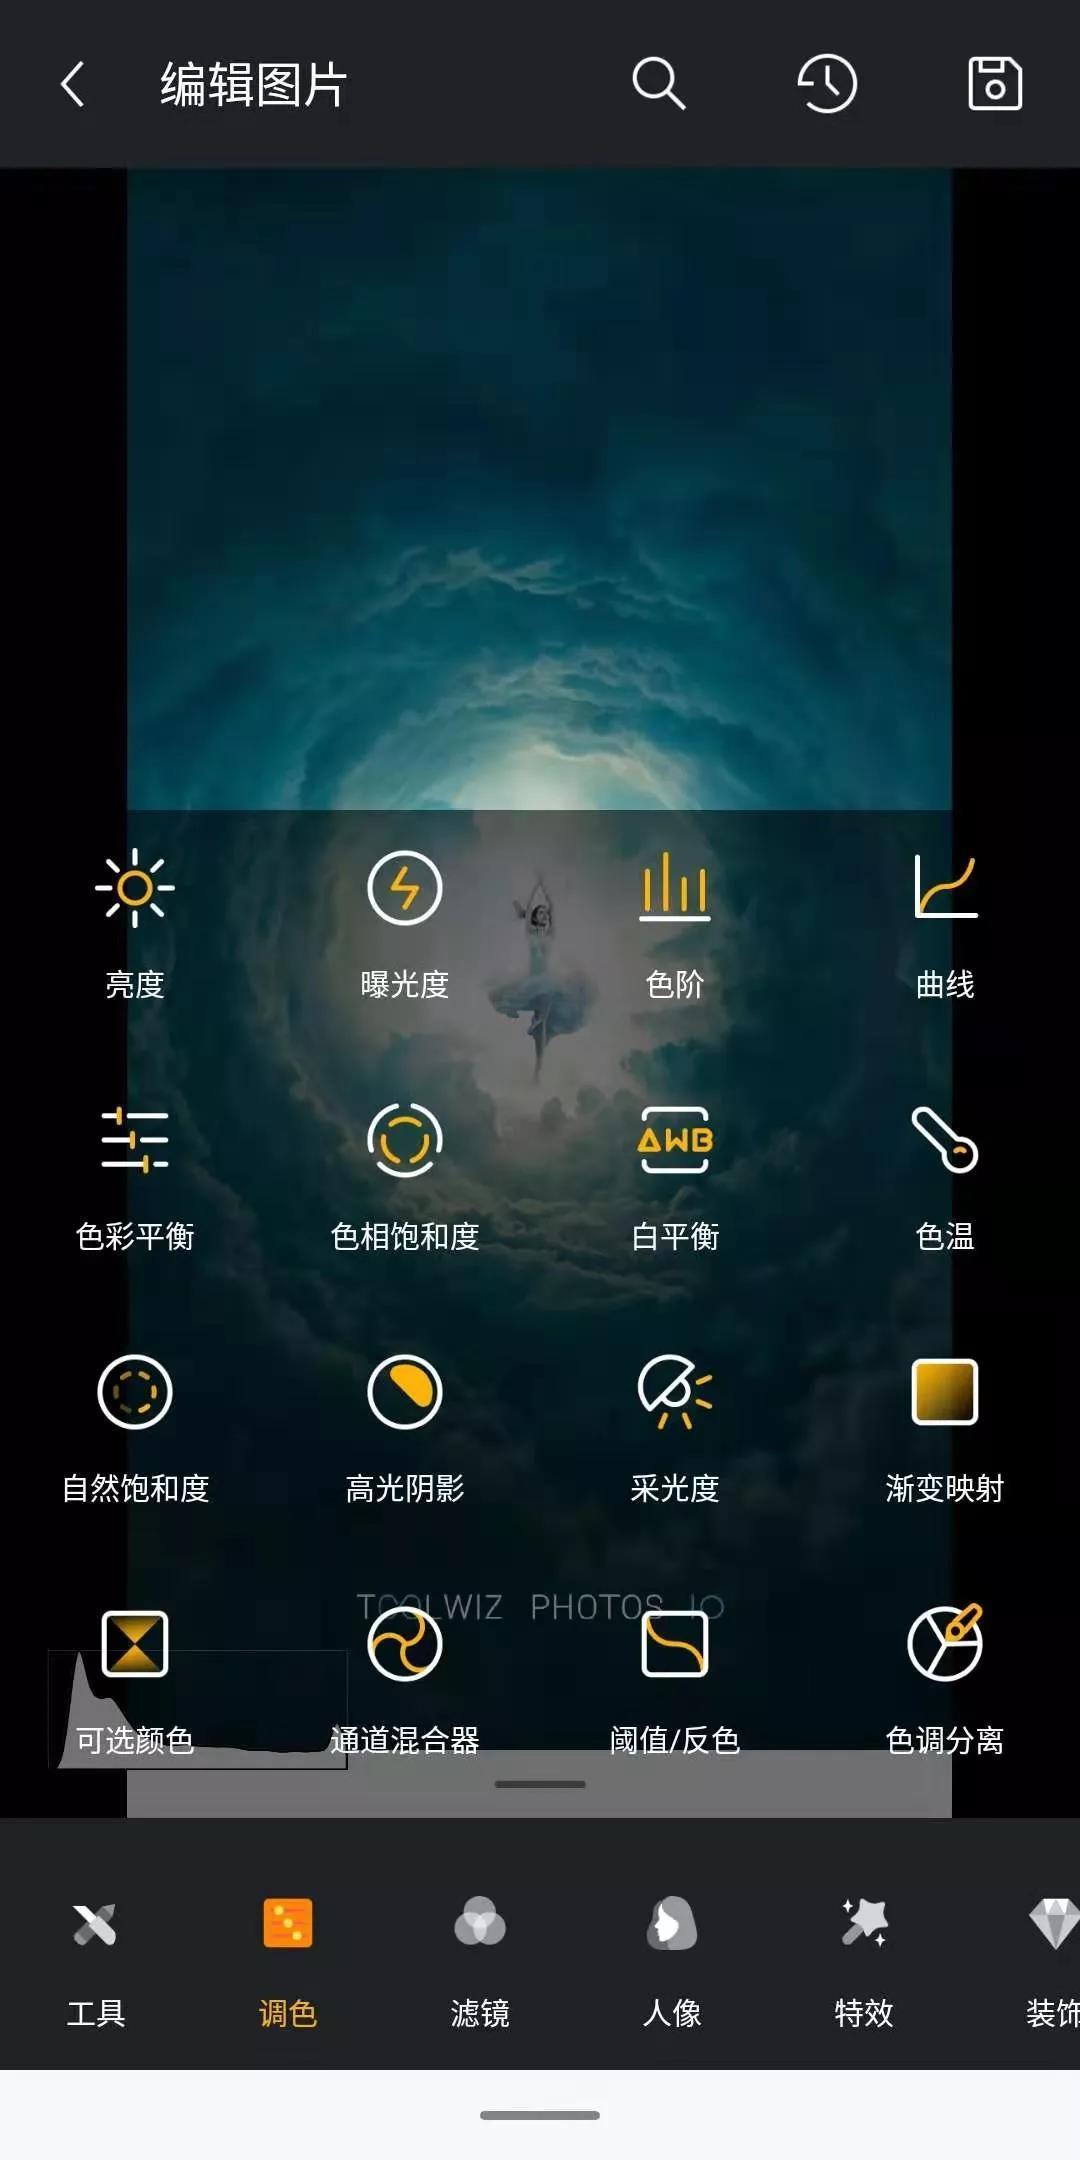 5ef1660314195aa594a2dbf7 Toolwiz Photos-强大的手机修图软件